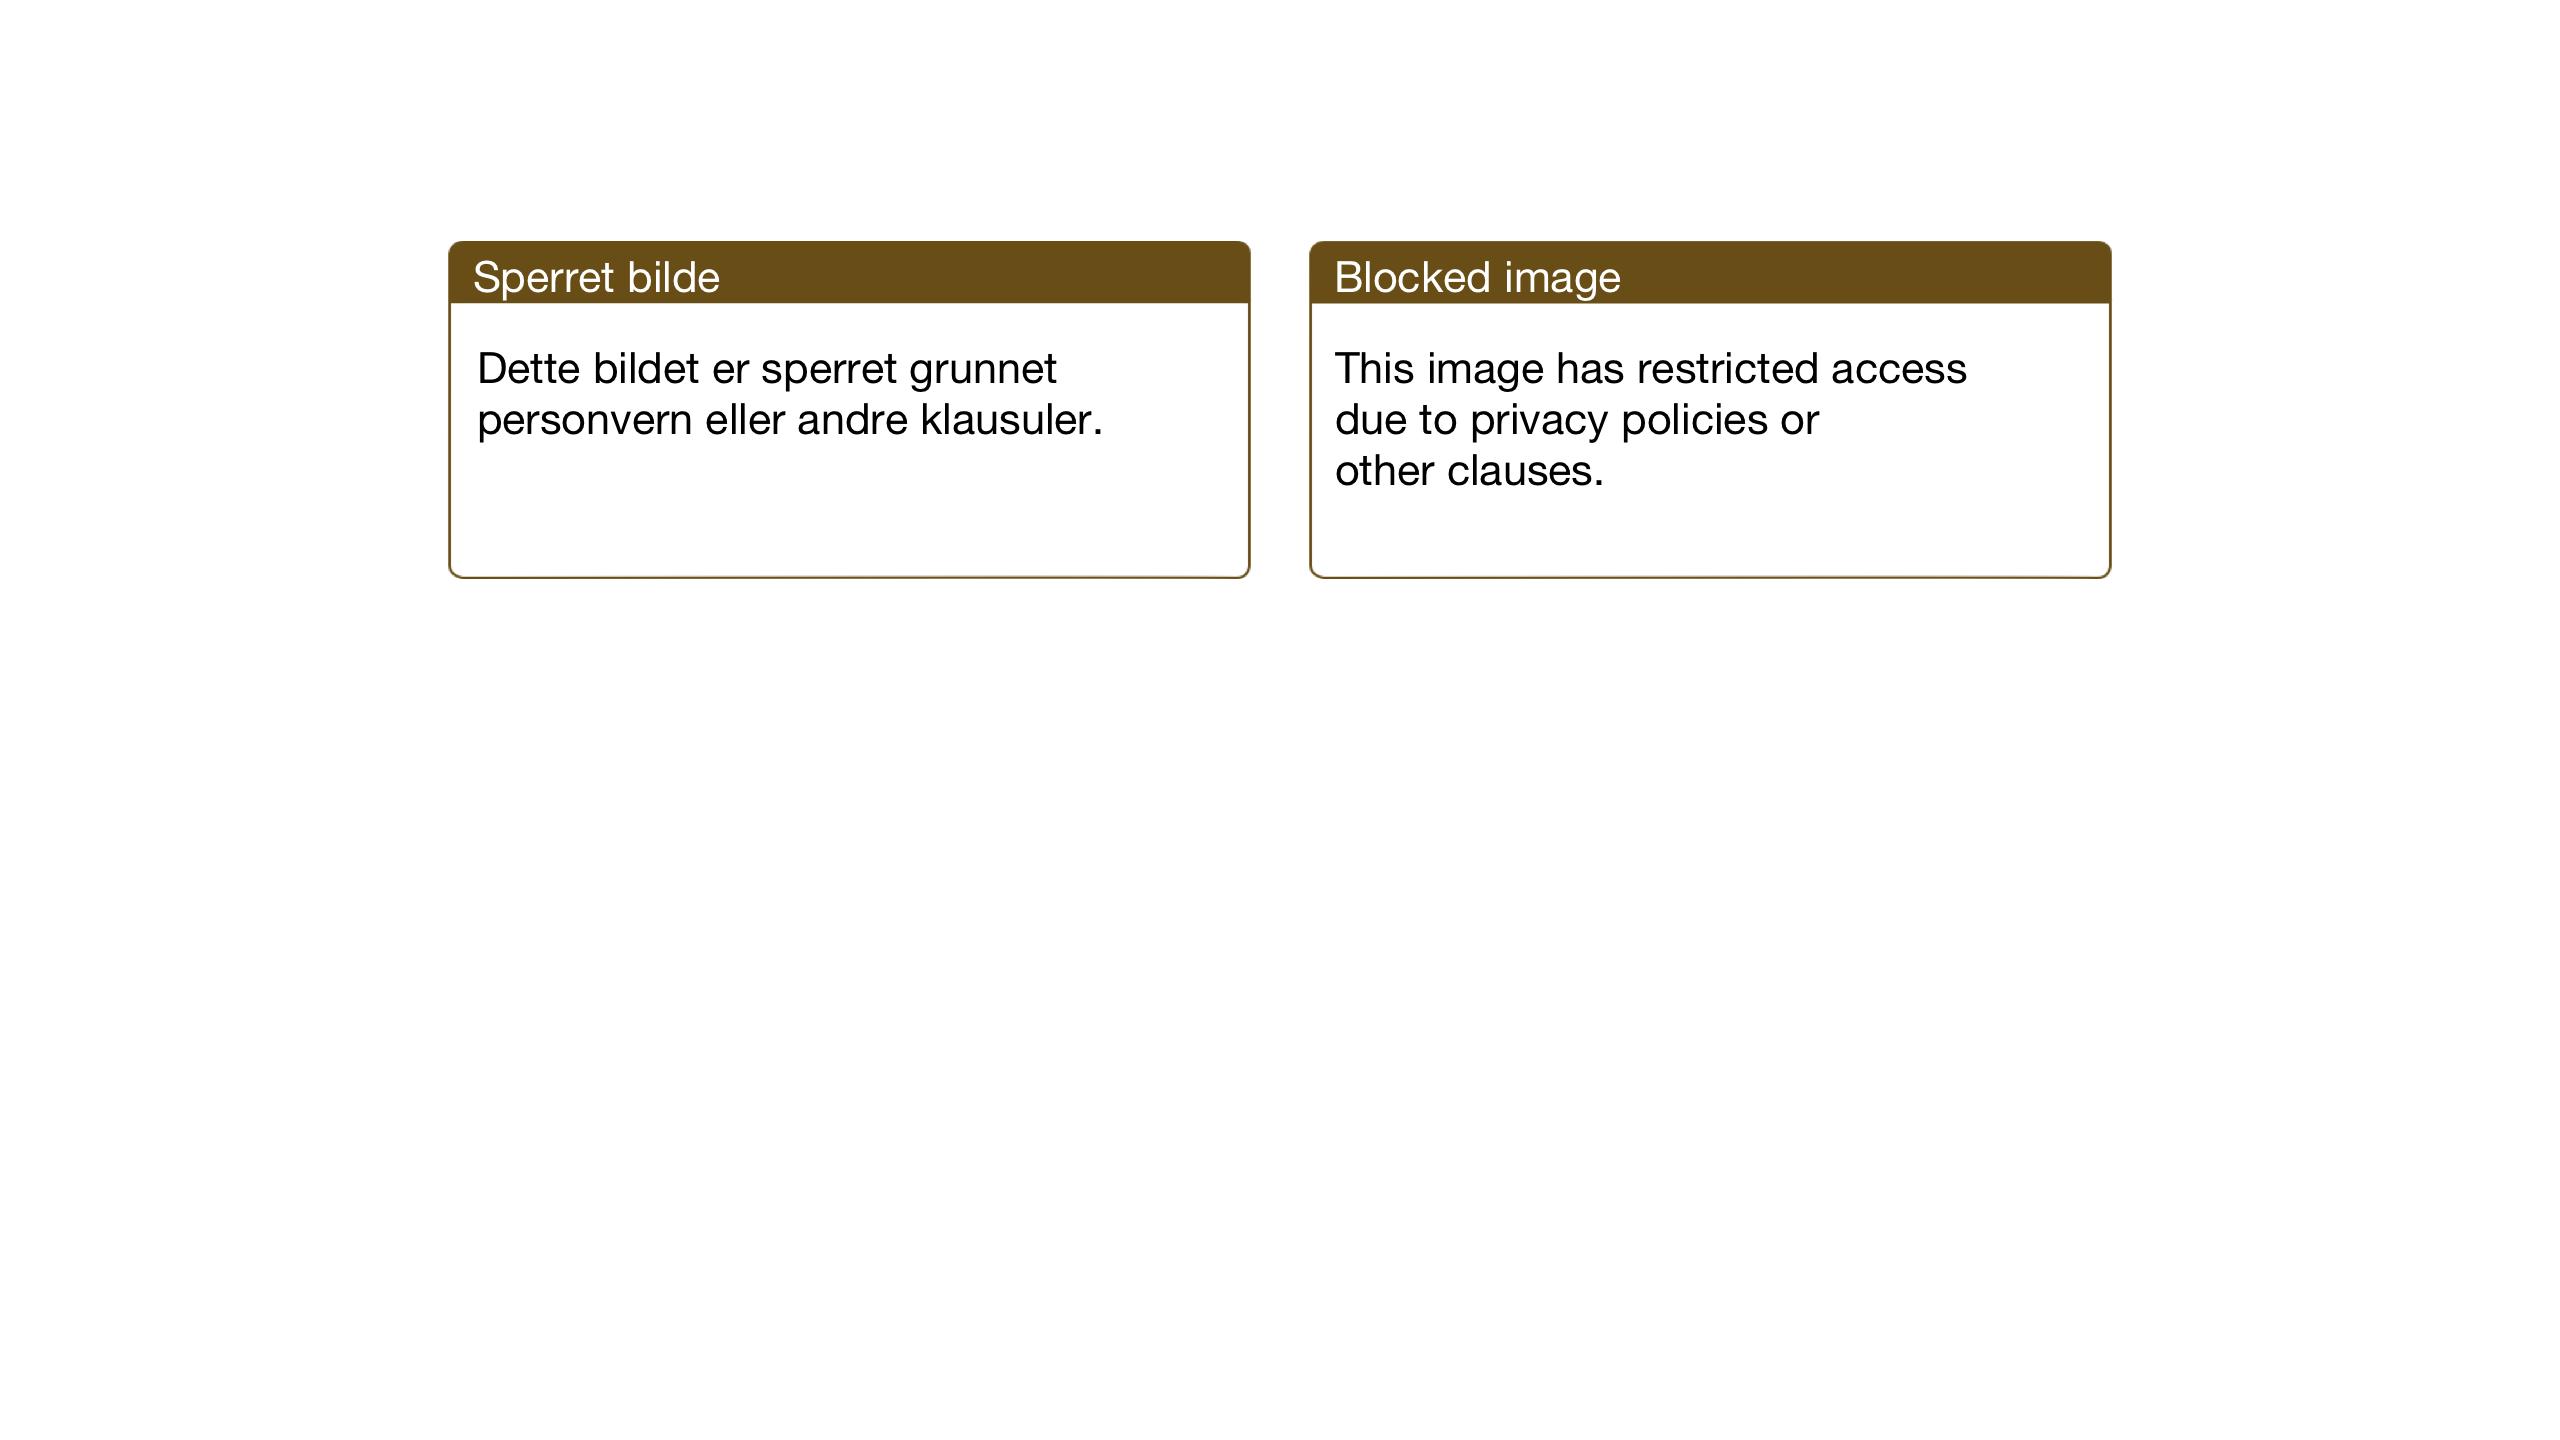 SAT, Ministerialprotokoller, klokkerbøker og fødselsregistre - Nord-Trøndelag, 742/L0413: Klokkerbok nr. 742C04, 1911-1938, s. 59